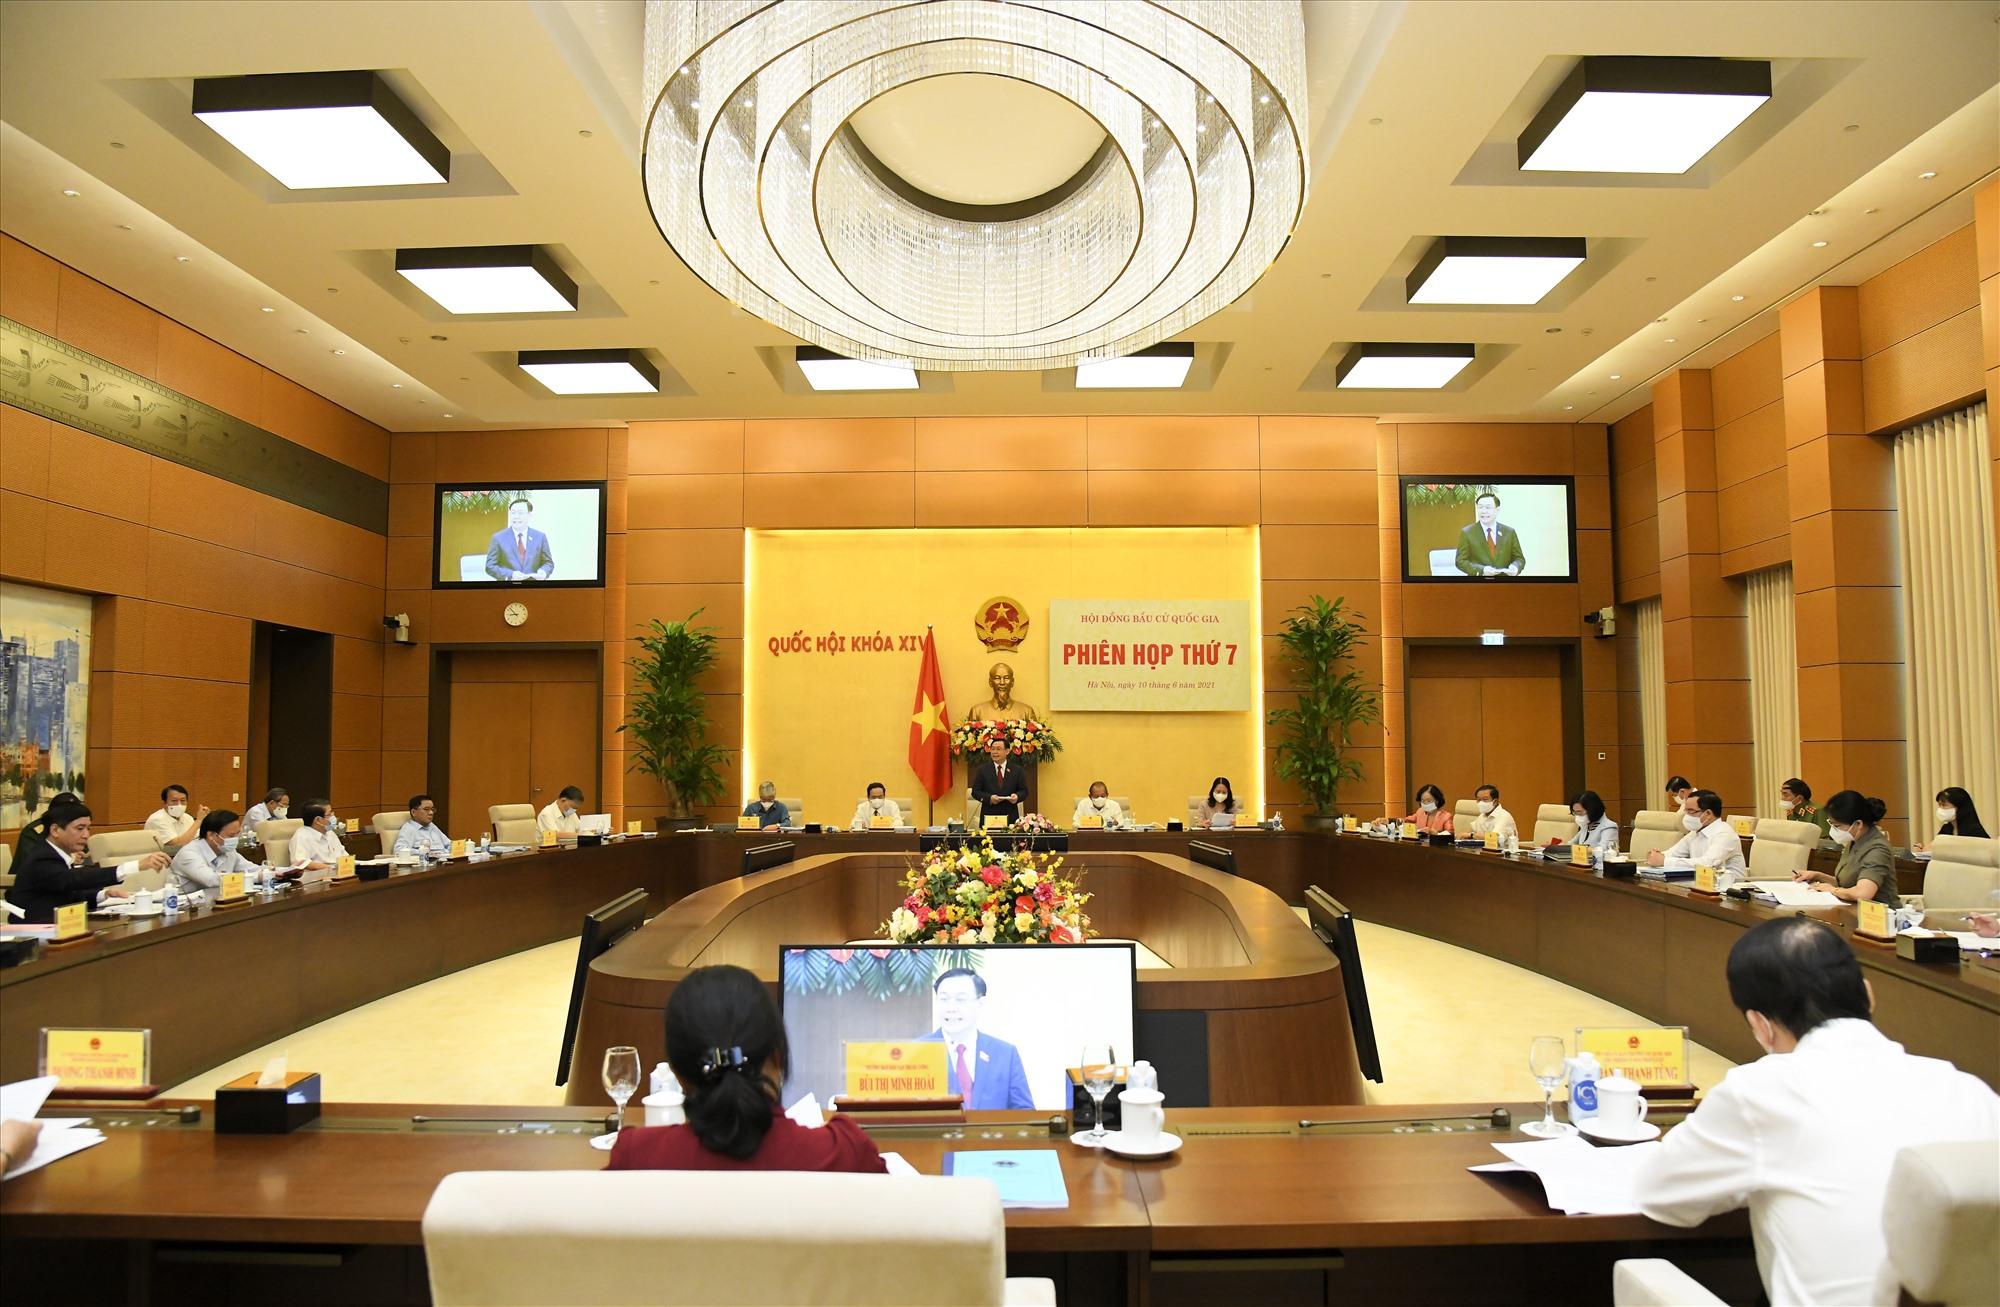 Phiên họp thứ thứ 7 của Hội đồng bầu cử quốc gia